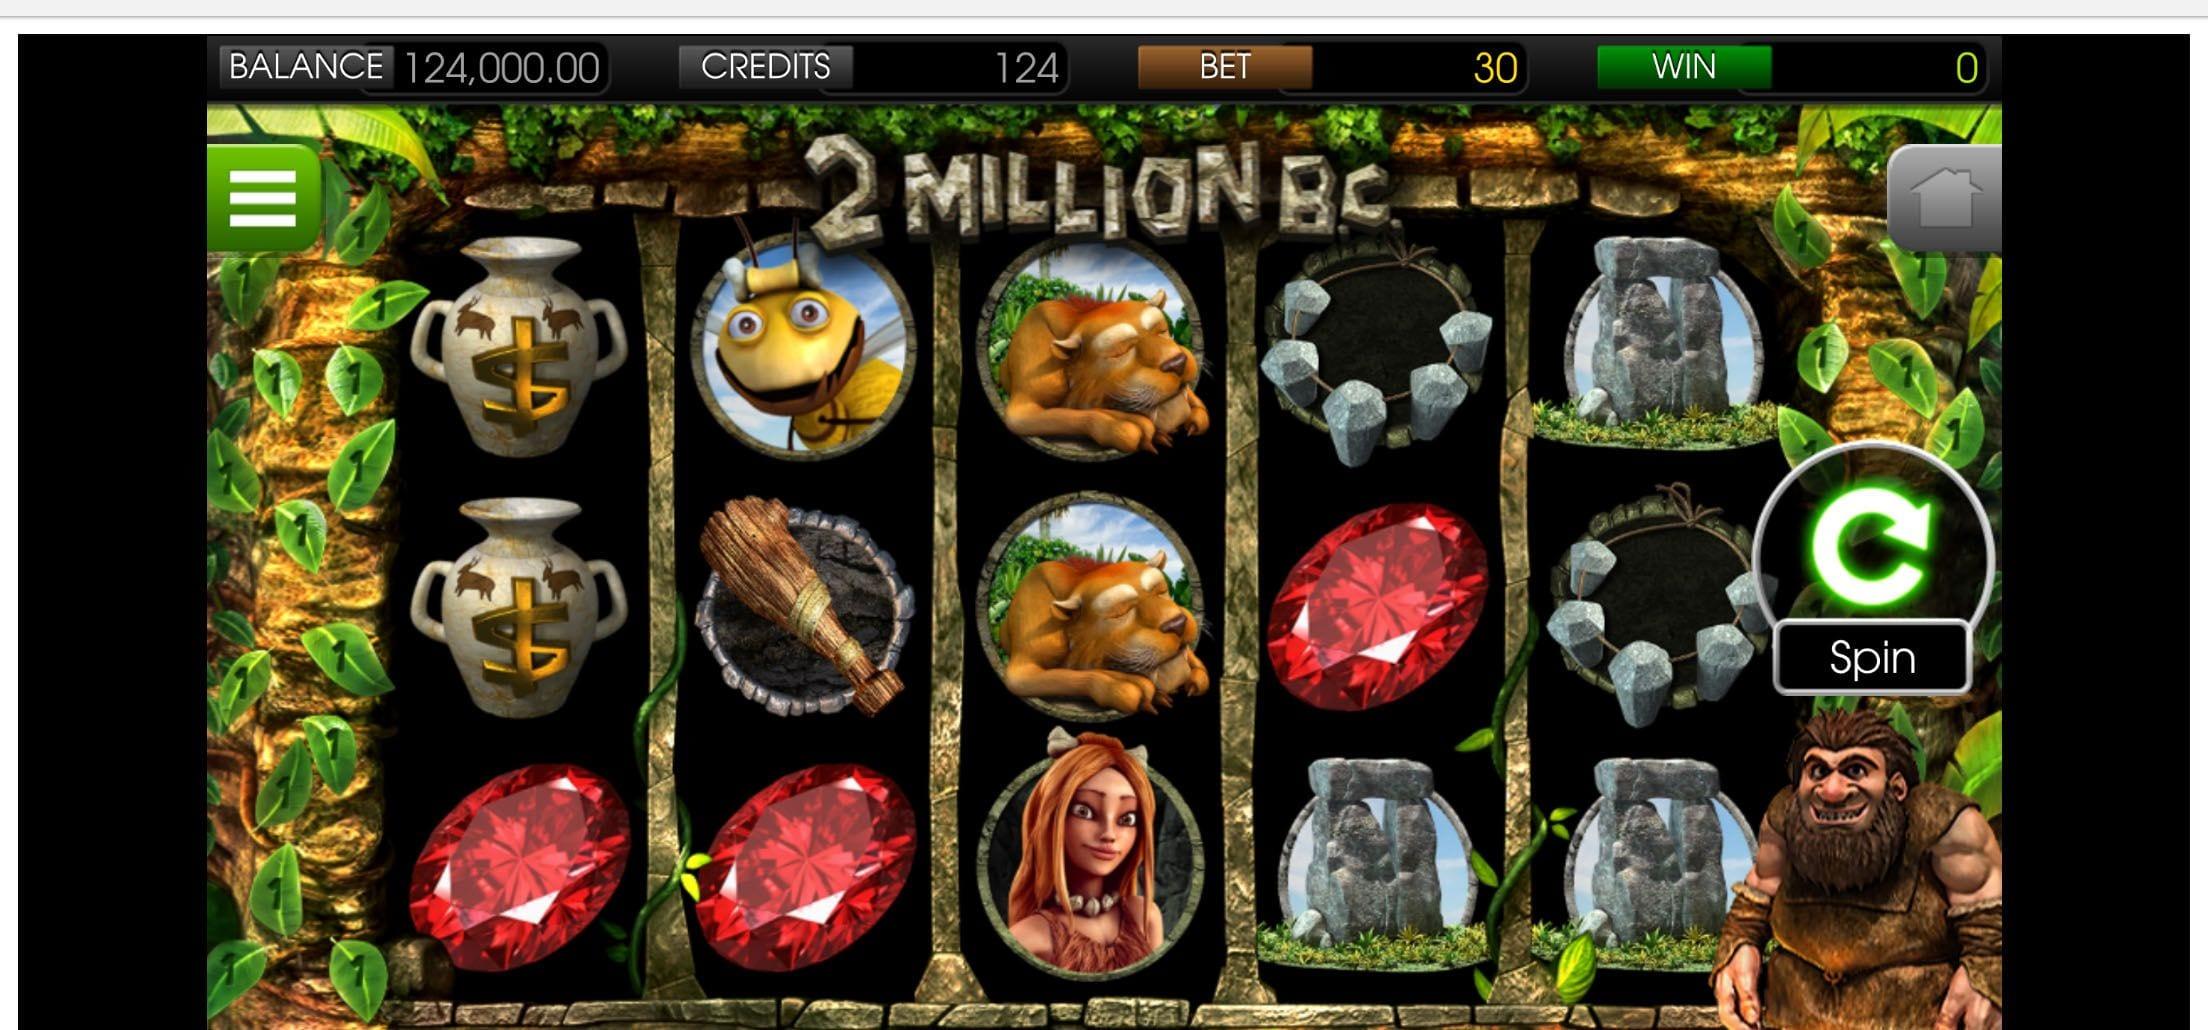 2 Million BC Slot